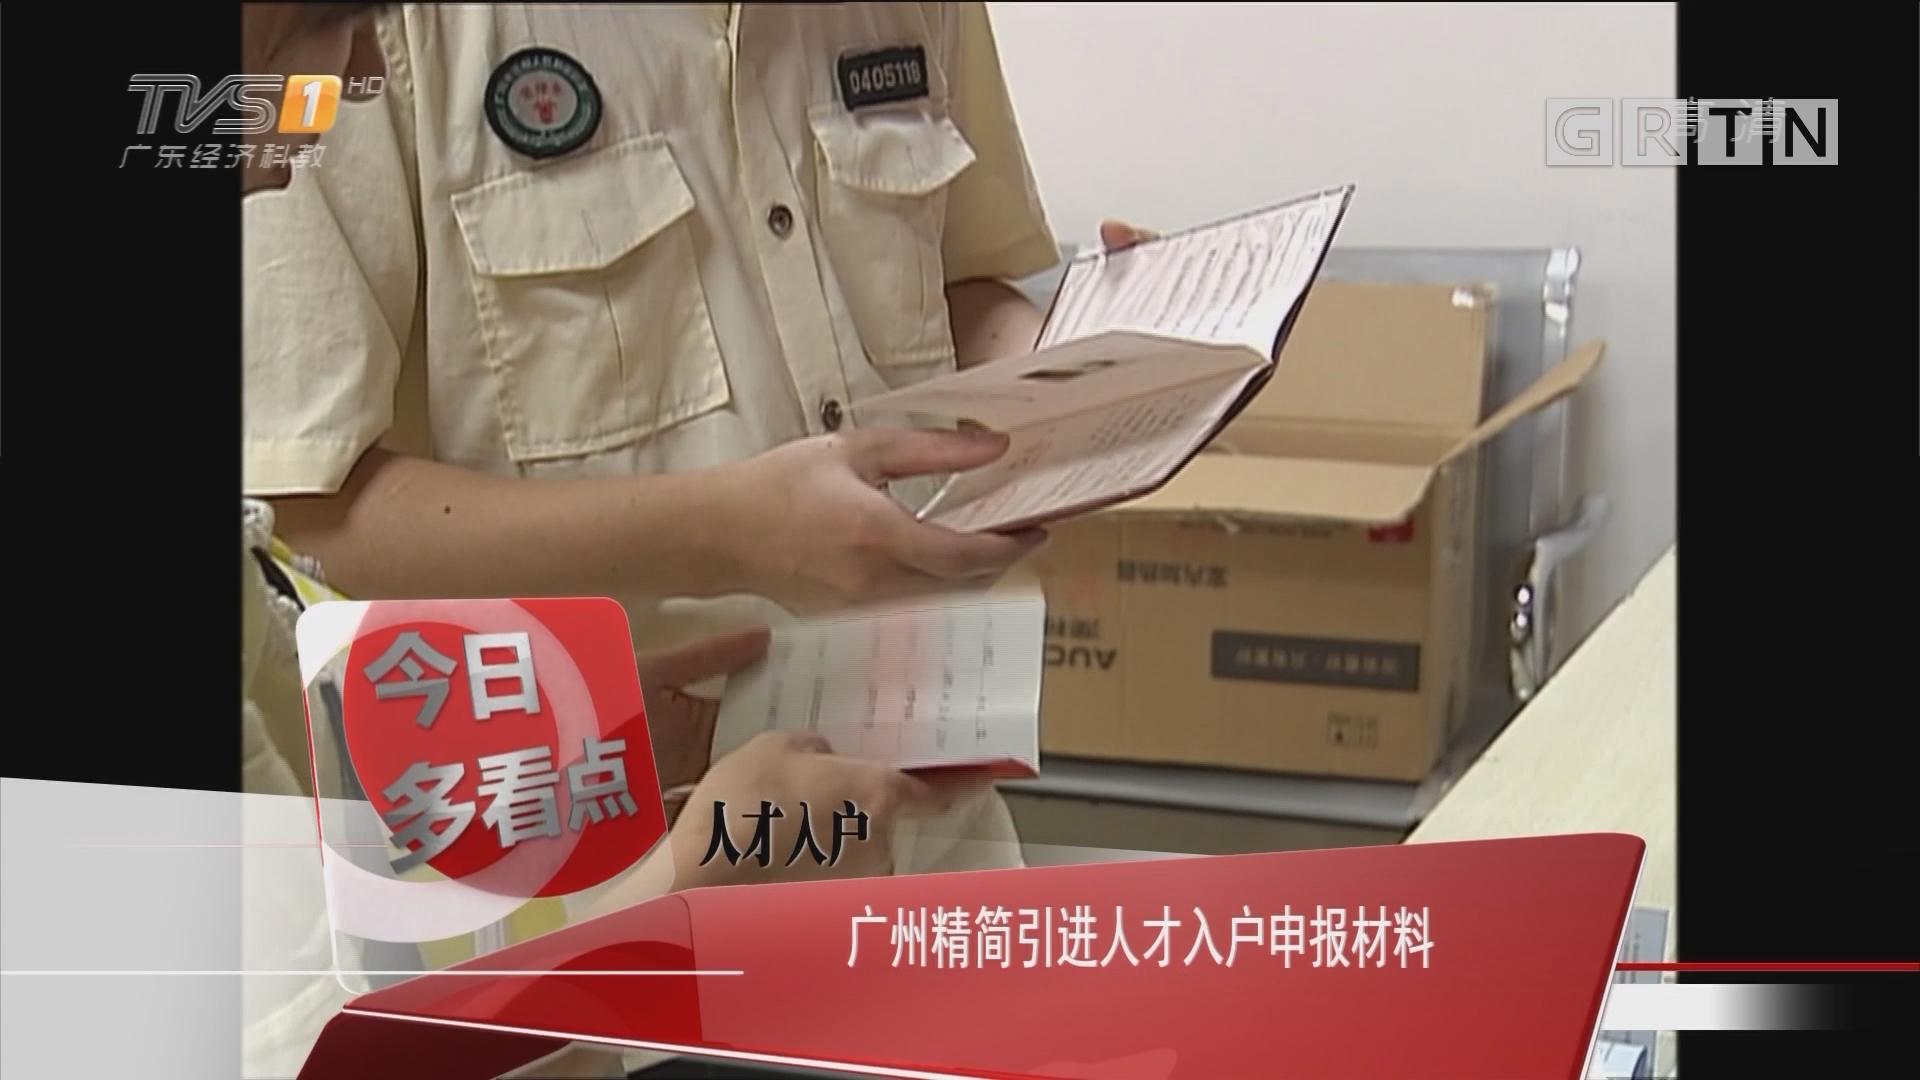 人才入户:广州精简引进人才入户申报材料